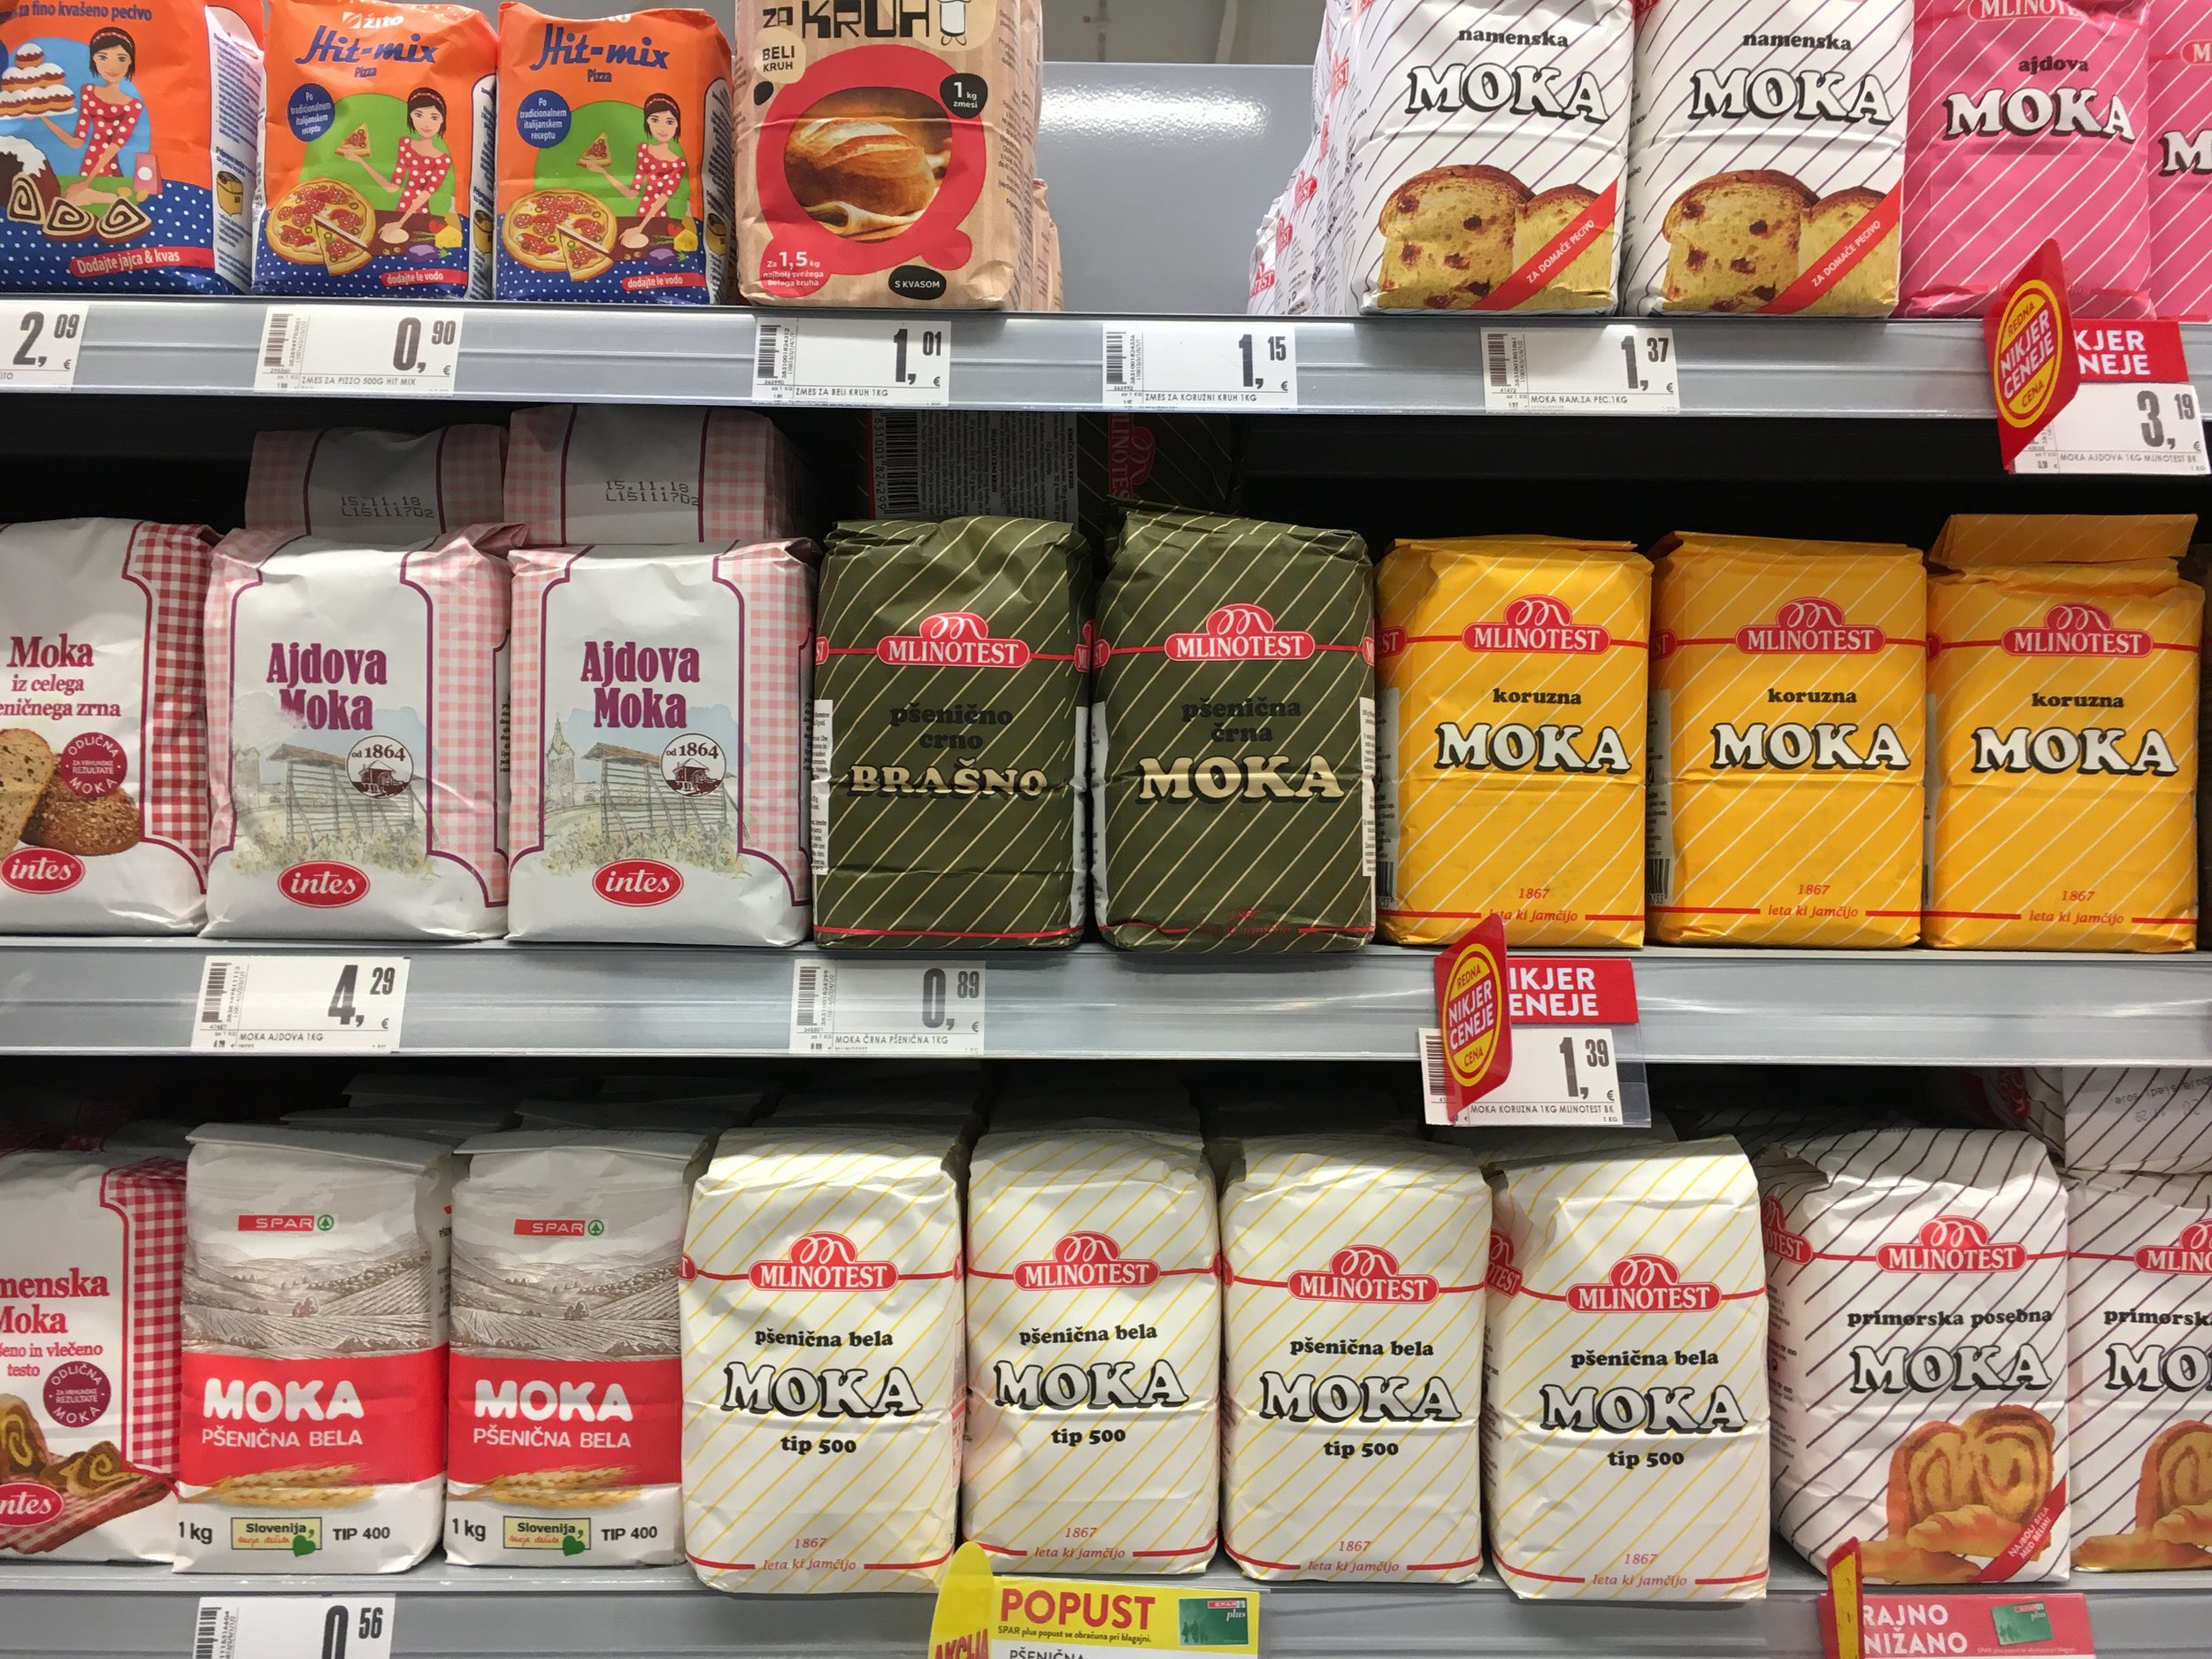 Joskus sitä vain seisoo valintojensa edessä ja kaikki näyttää ihan slovenialaiselta jauhohyllyltä.